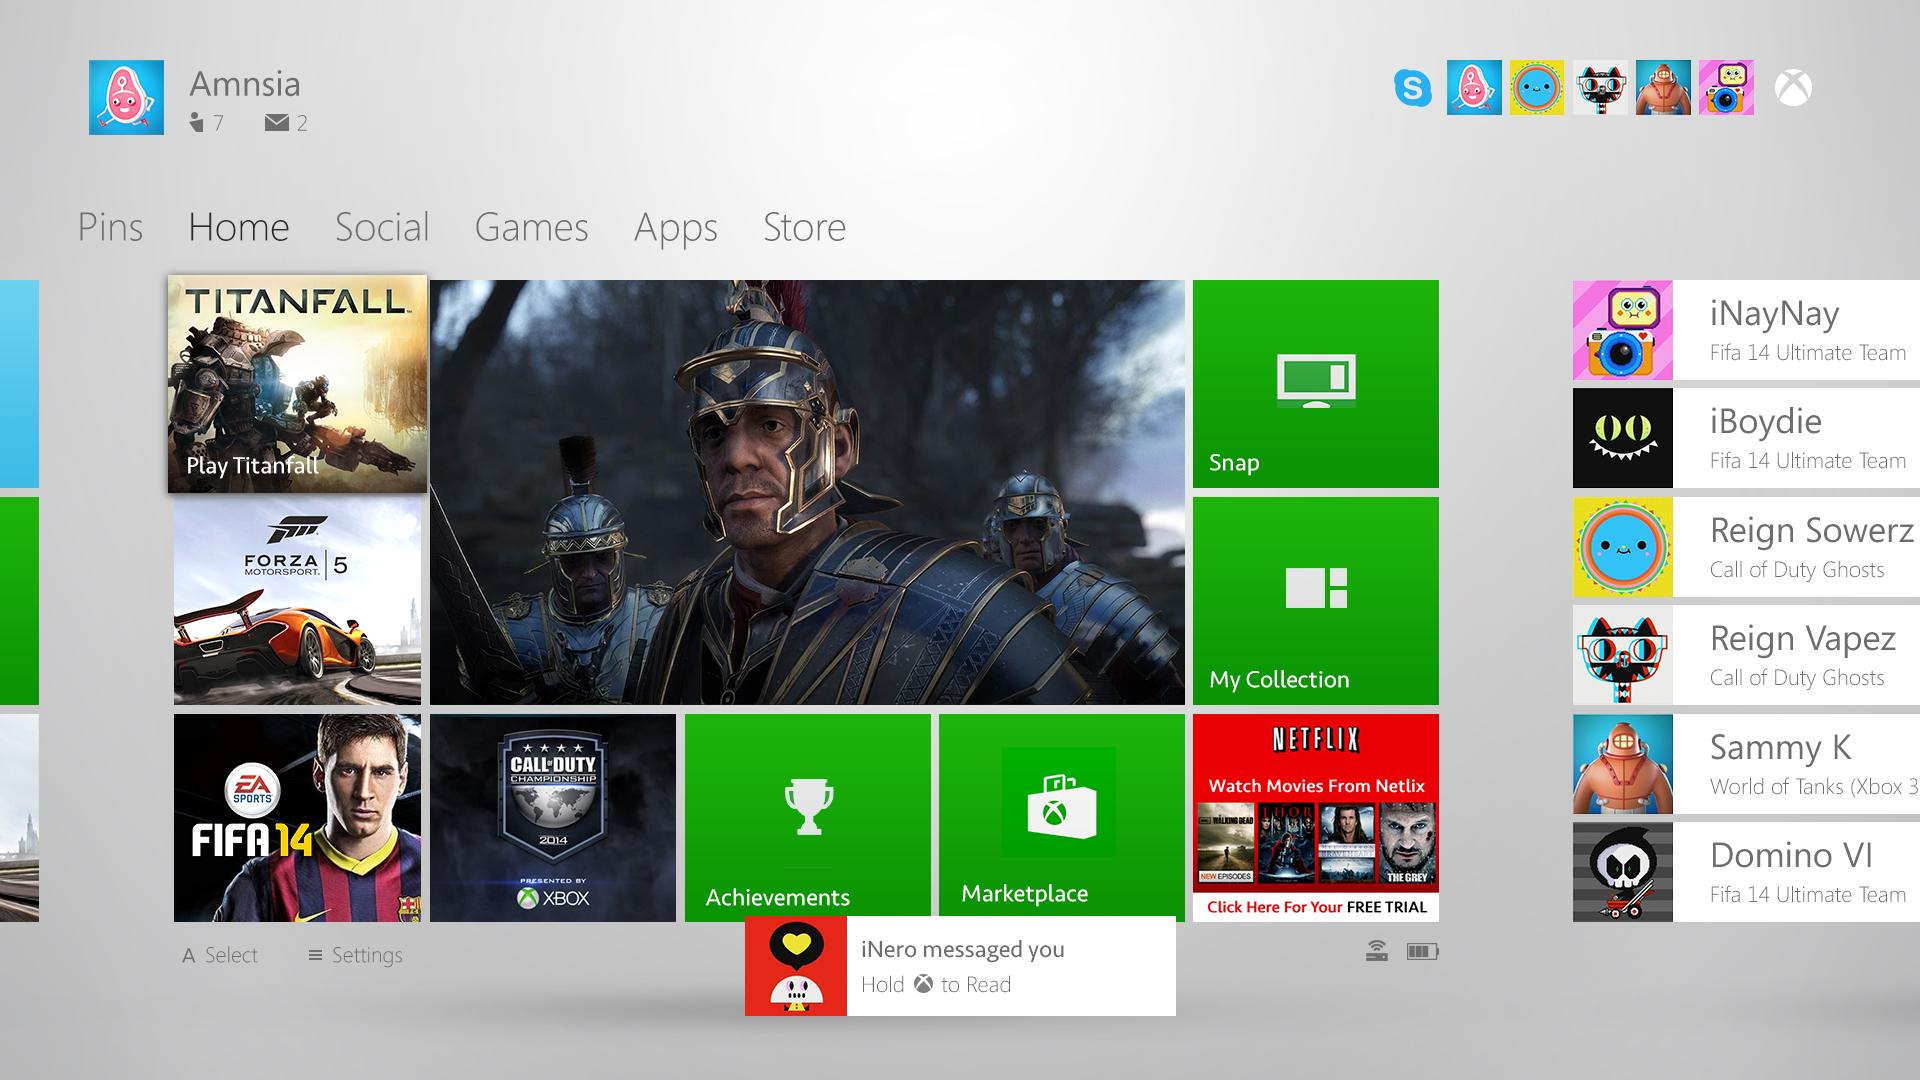 Xbox One Dashboard Concept By JonnyBurgon On DeviantArt